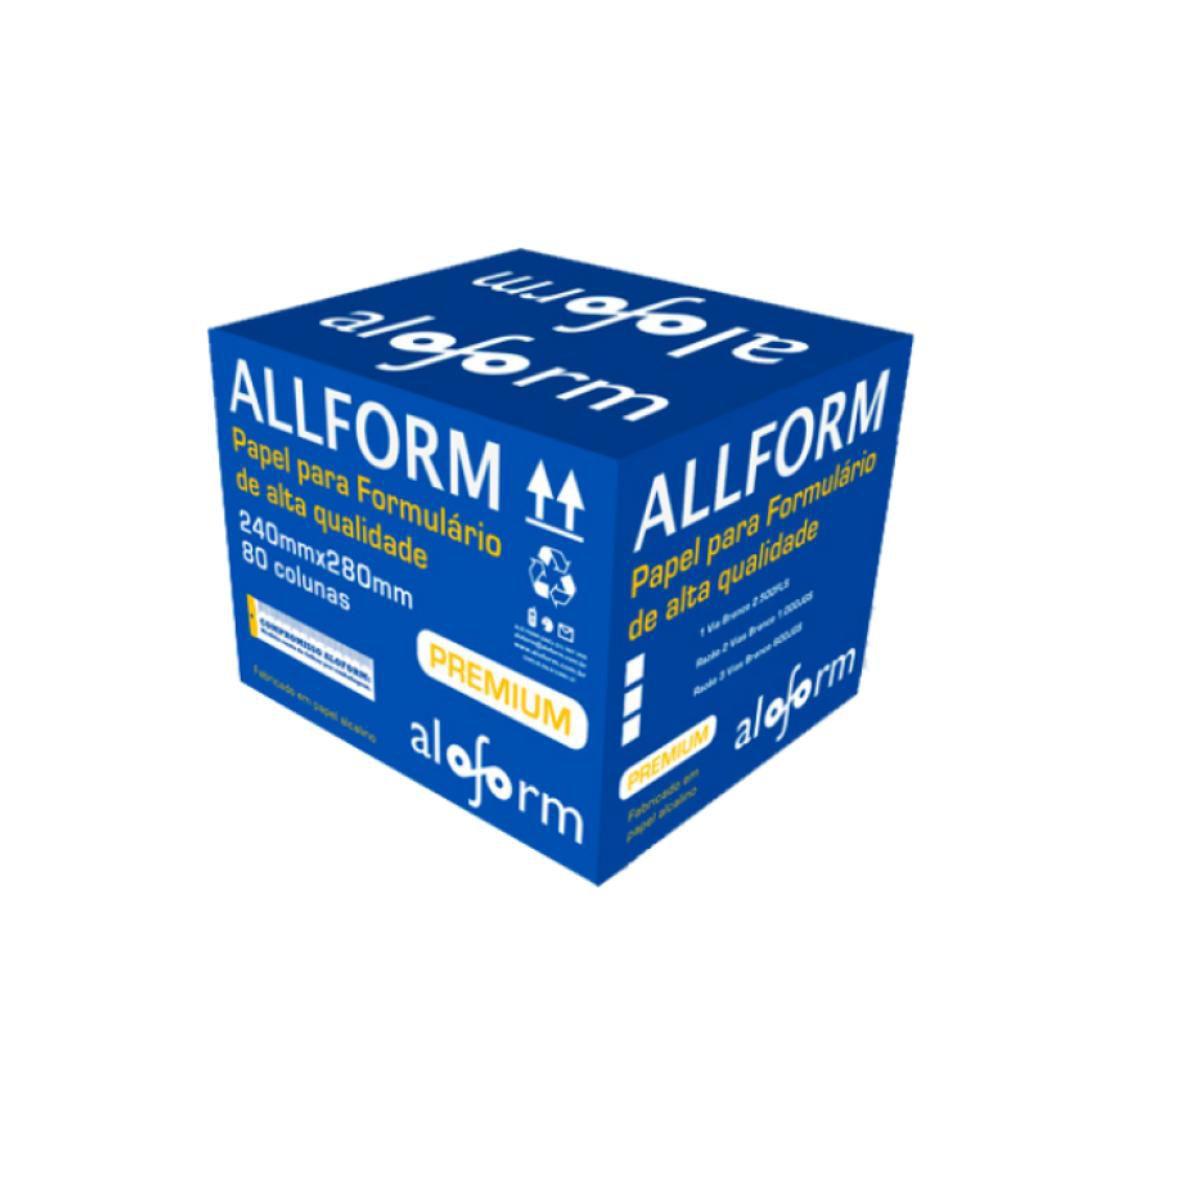 Formulário Contínuo 80 Colunas 1 Via Aloform